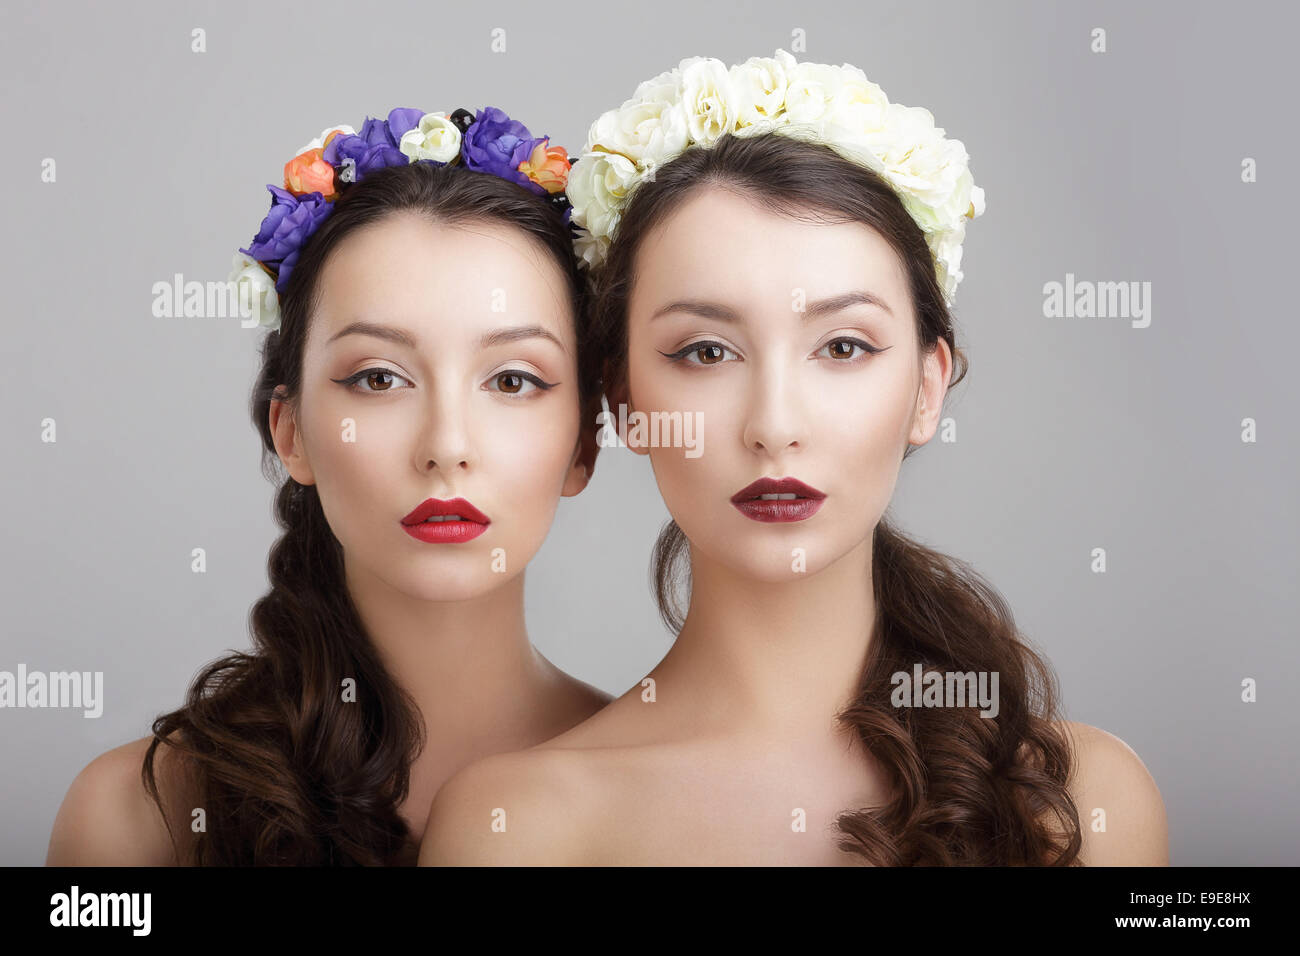 L'élégance. Deux femmes avec des couronnes de fleurs. Fantasy Photo Stock